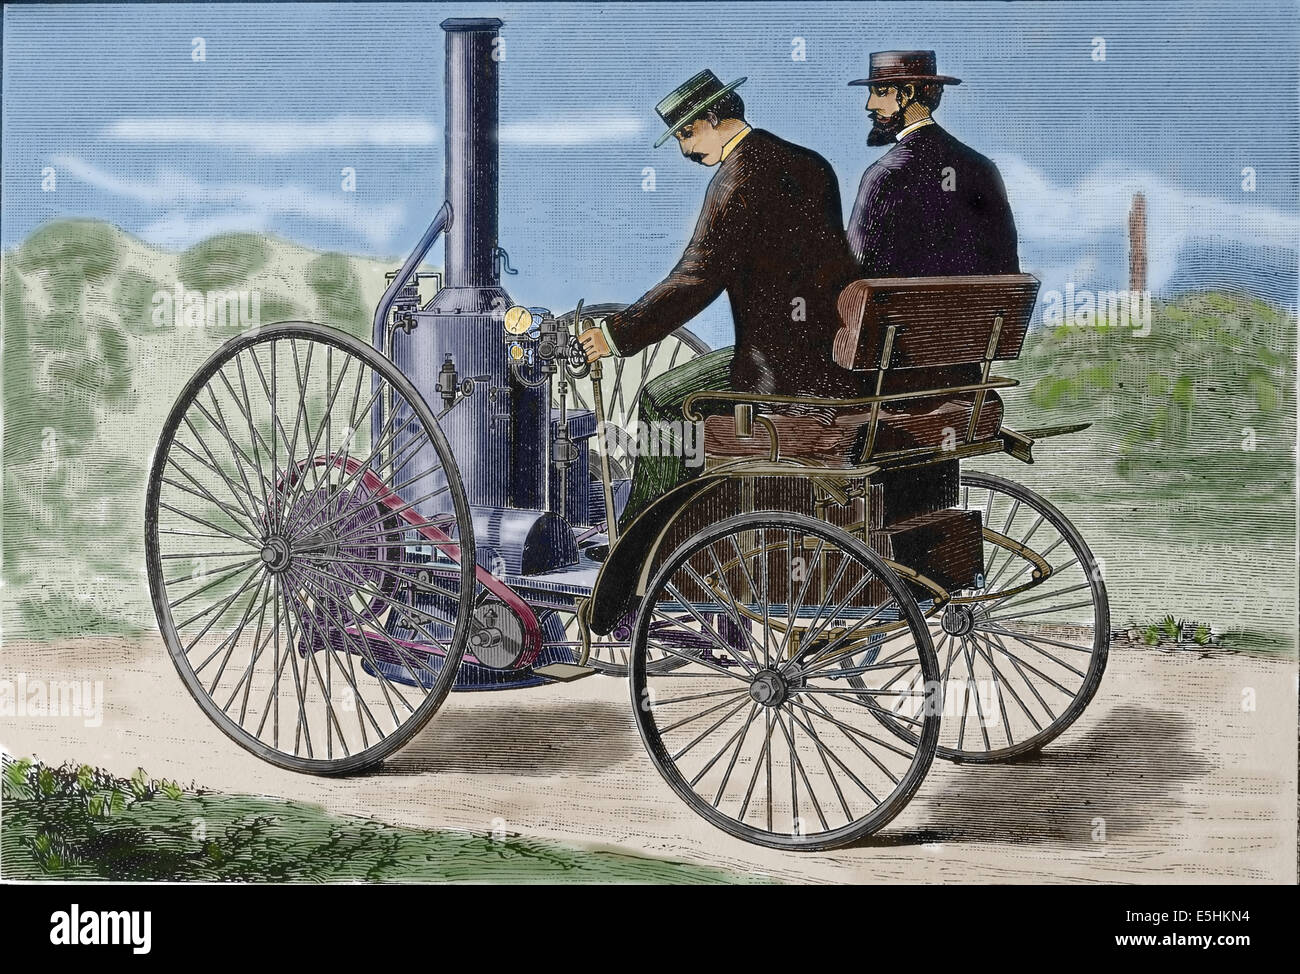 La historia. El transporte. Vehículo antiguo. Automóvil de vapor. Grabado del siglo XIX. Posteriormente Imagen De Stock